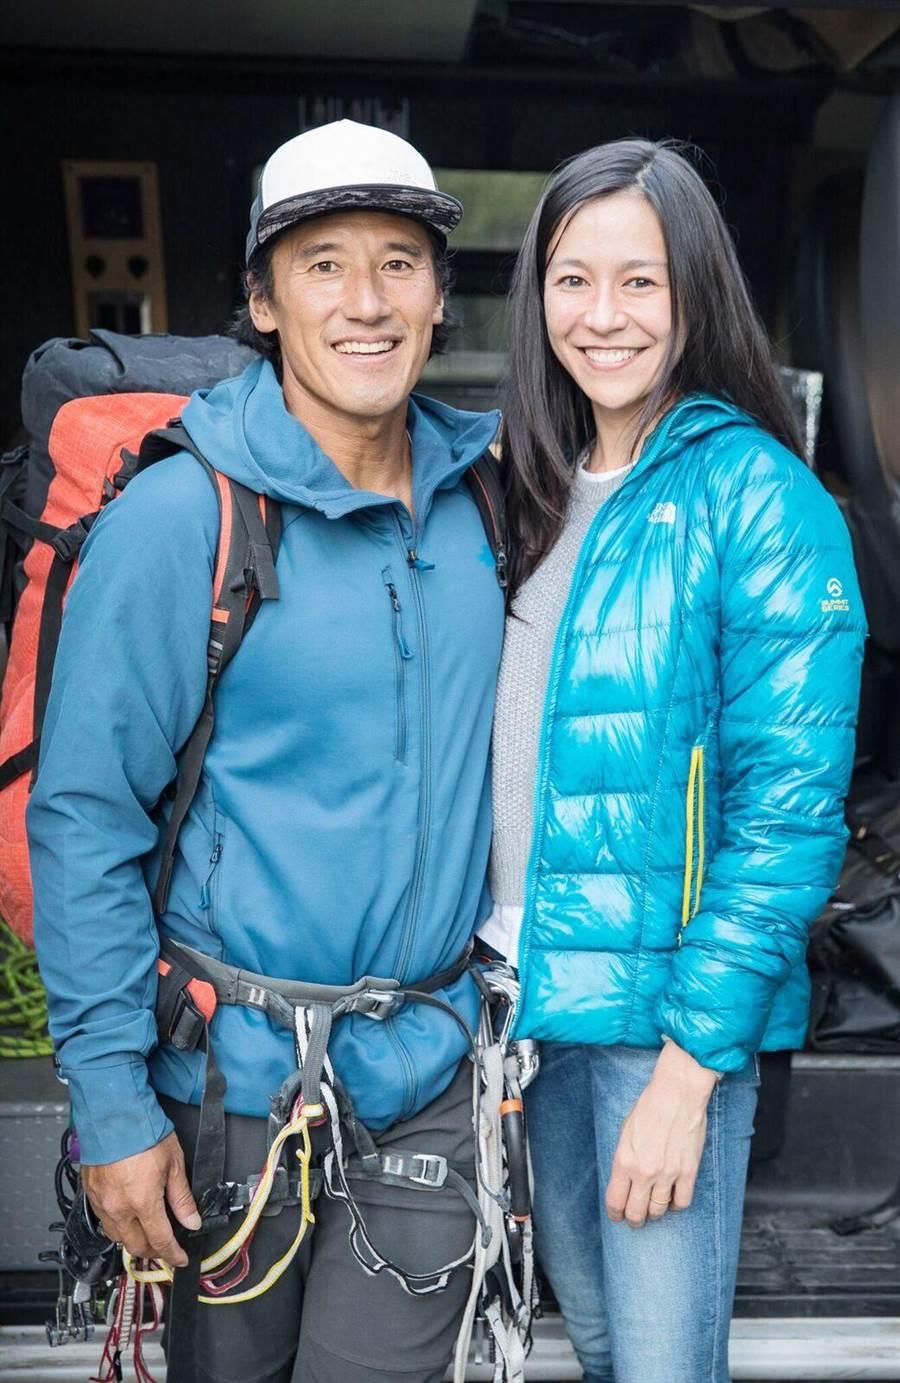 金國威攻頂「酋長岩」懸空,拍攝《赤手登峰》妻子伊莉莎白柴瓦沙瑞莉相當擔心。(海鵬提供)